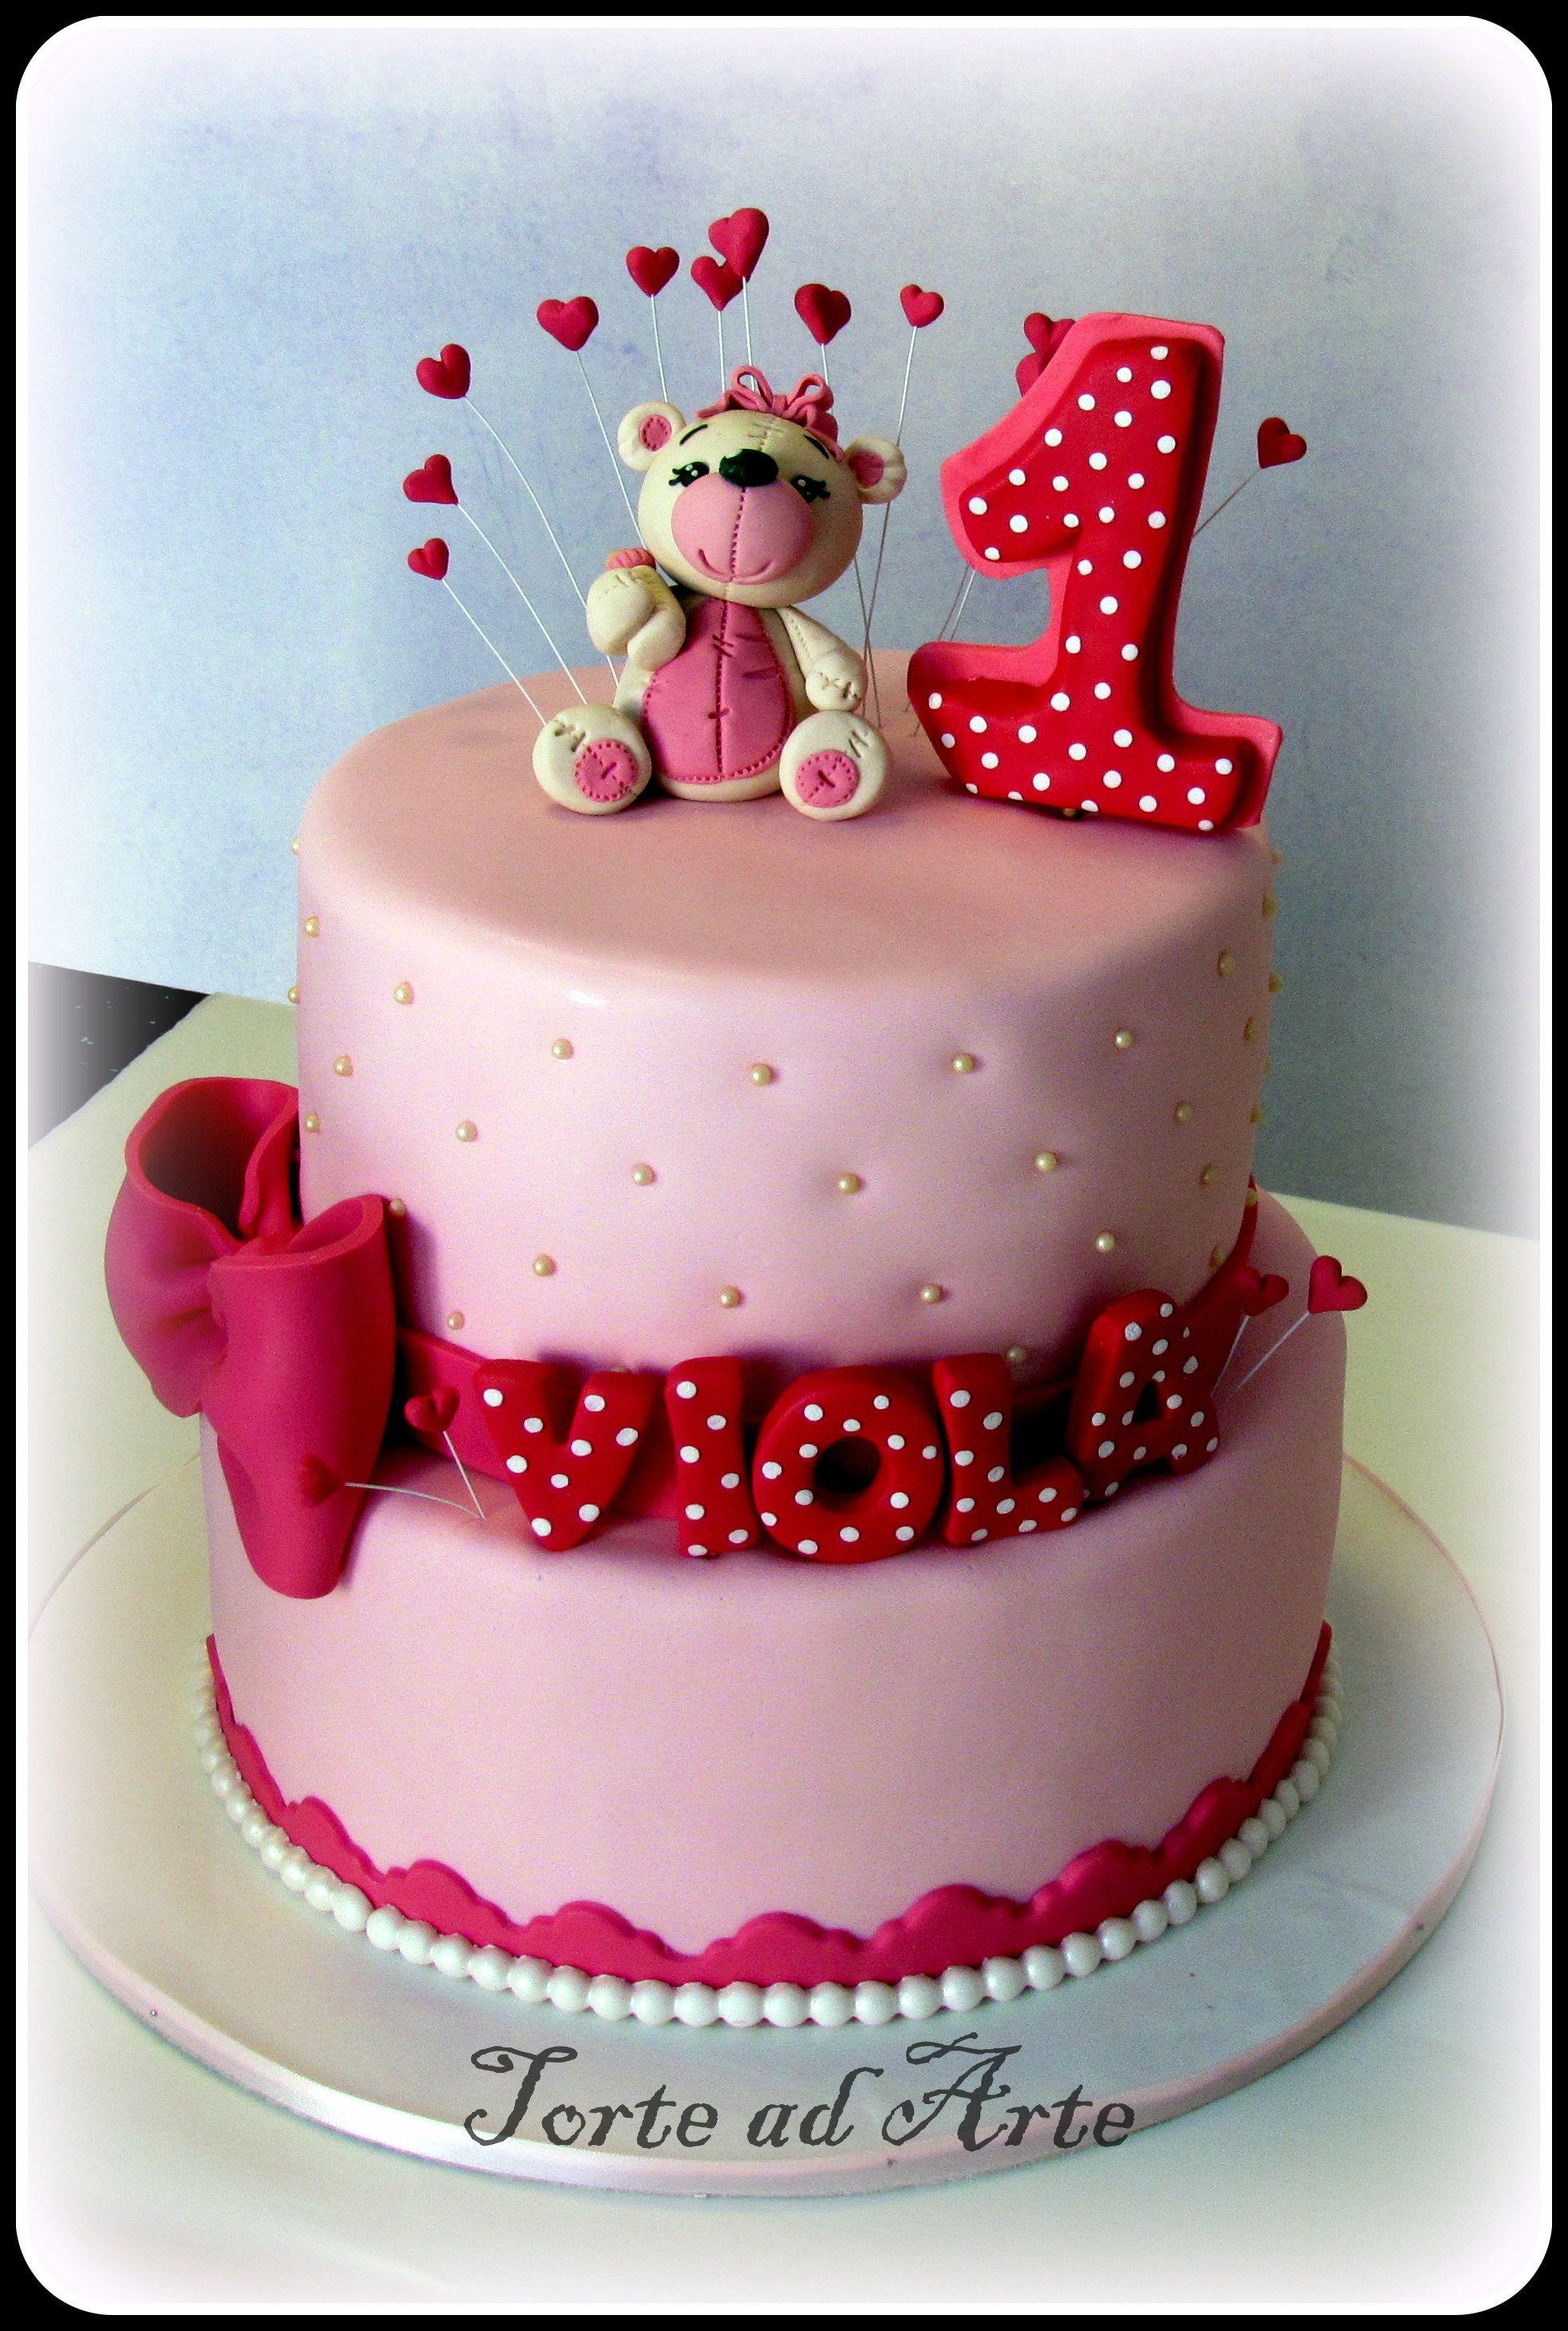 Torta primo compleanno bimba idee primo compleanno bimba for Idee per torte di compleanno